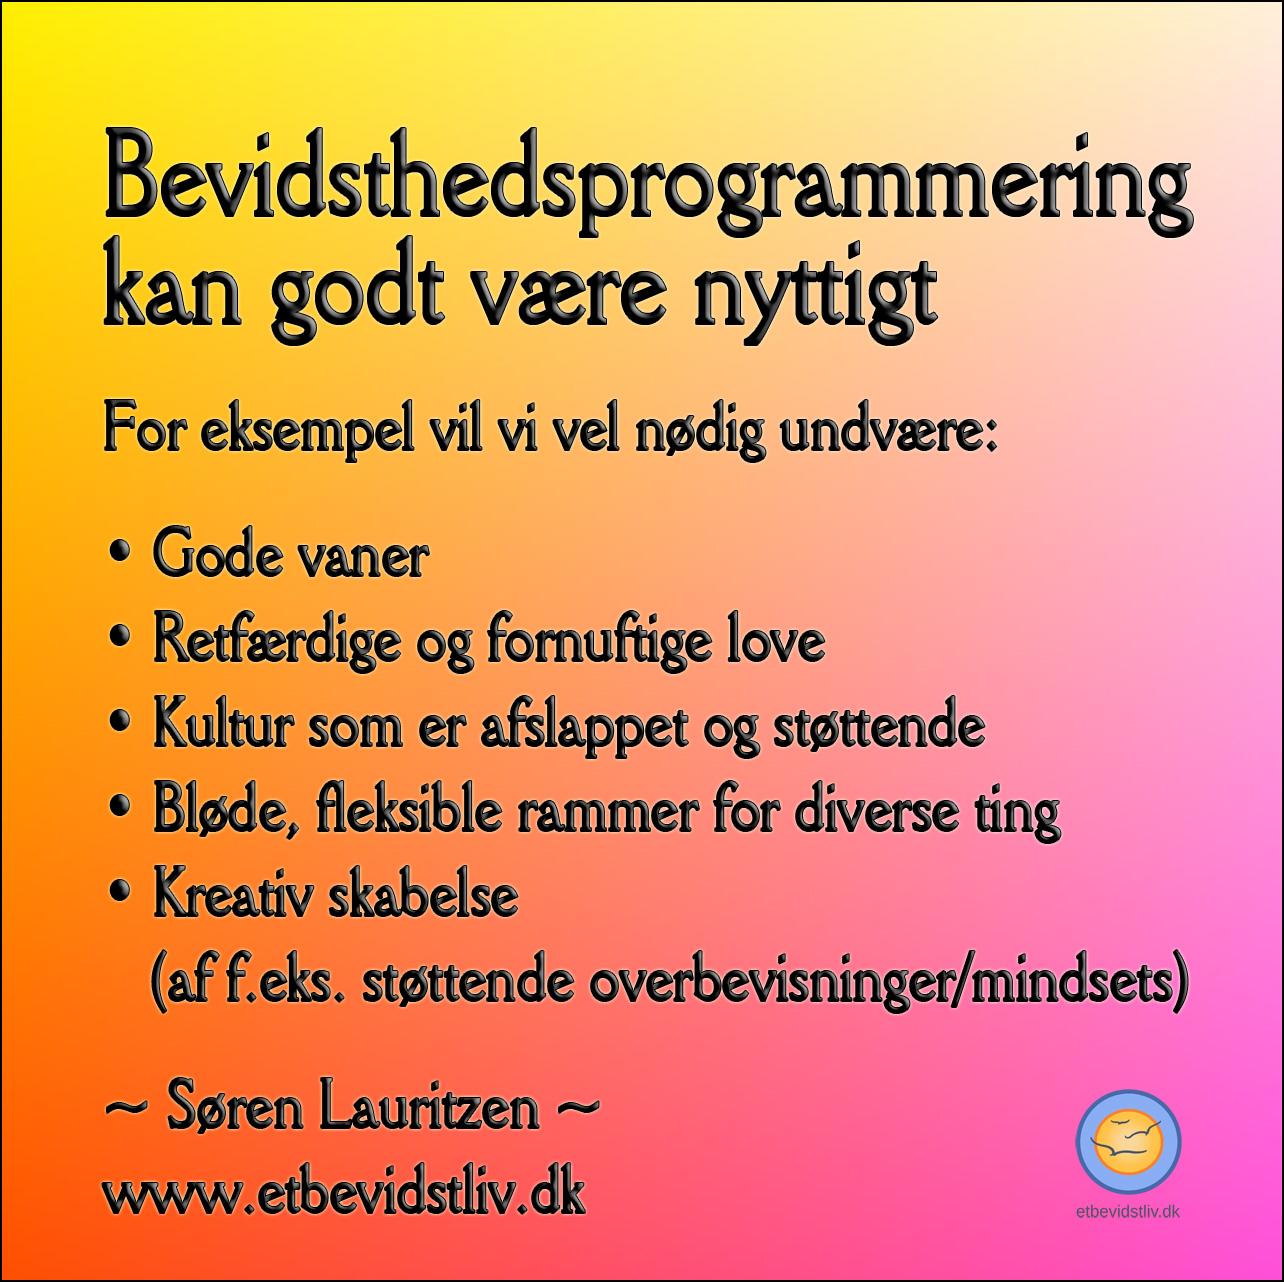 Billede: Abstrakt. Gule, røde og purpur farvetoner. Tekst: Bevidsthedsprogrammering kan også være nyttigt - til f.eks. gode vaner, fornuftige love, osv. (Søren Lauritzen)